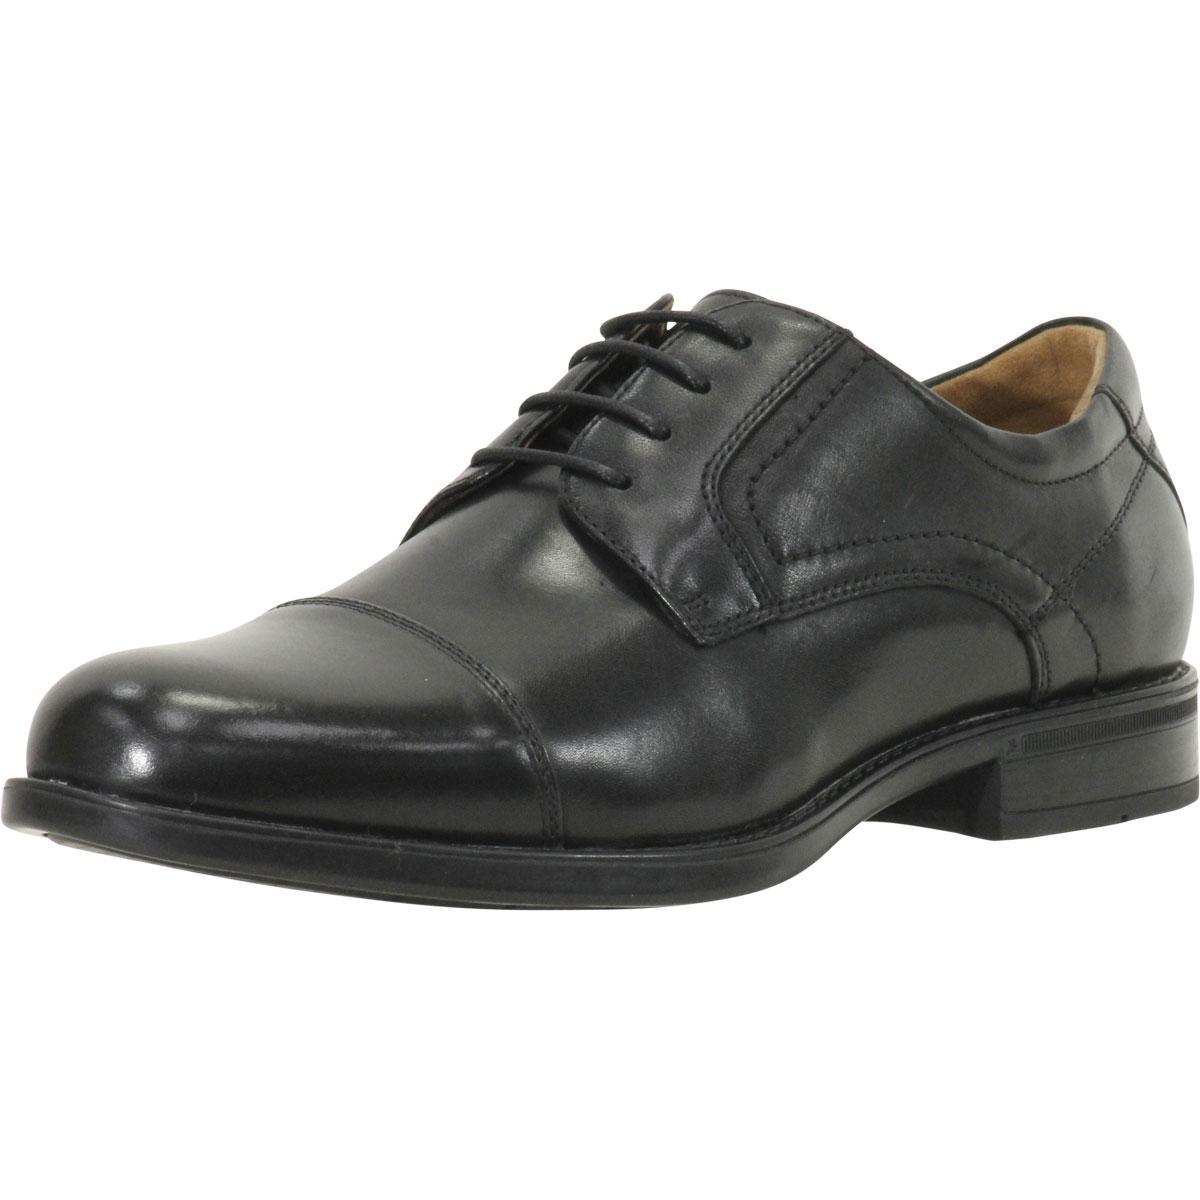 Image of Florsheim Comfortech Men's Midtown Cap Toe Oxfords Shoes - Black - 12 D(M) US